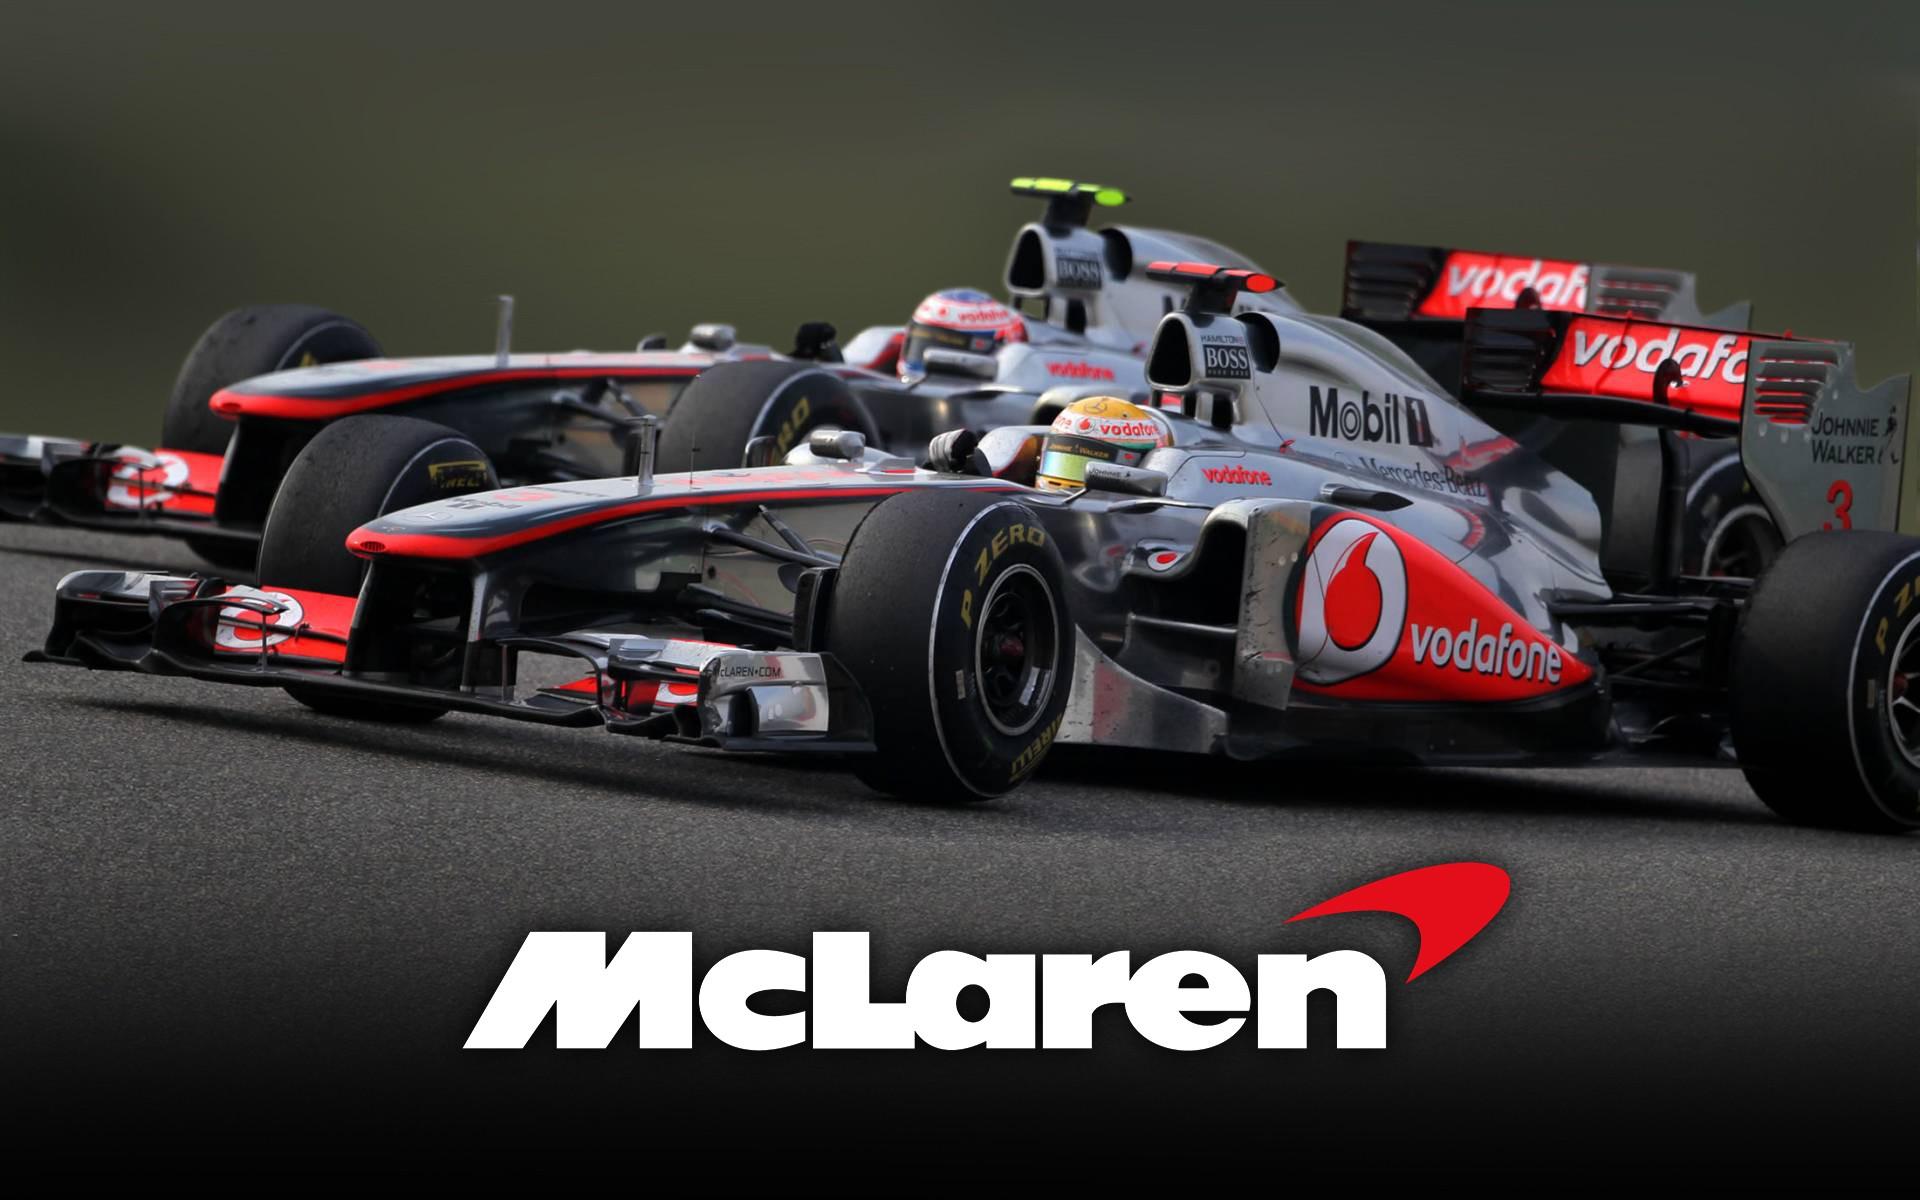 Formula 1 Wallpapers HD - WallpaperSafari